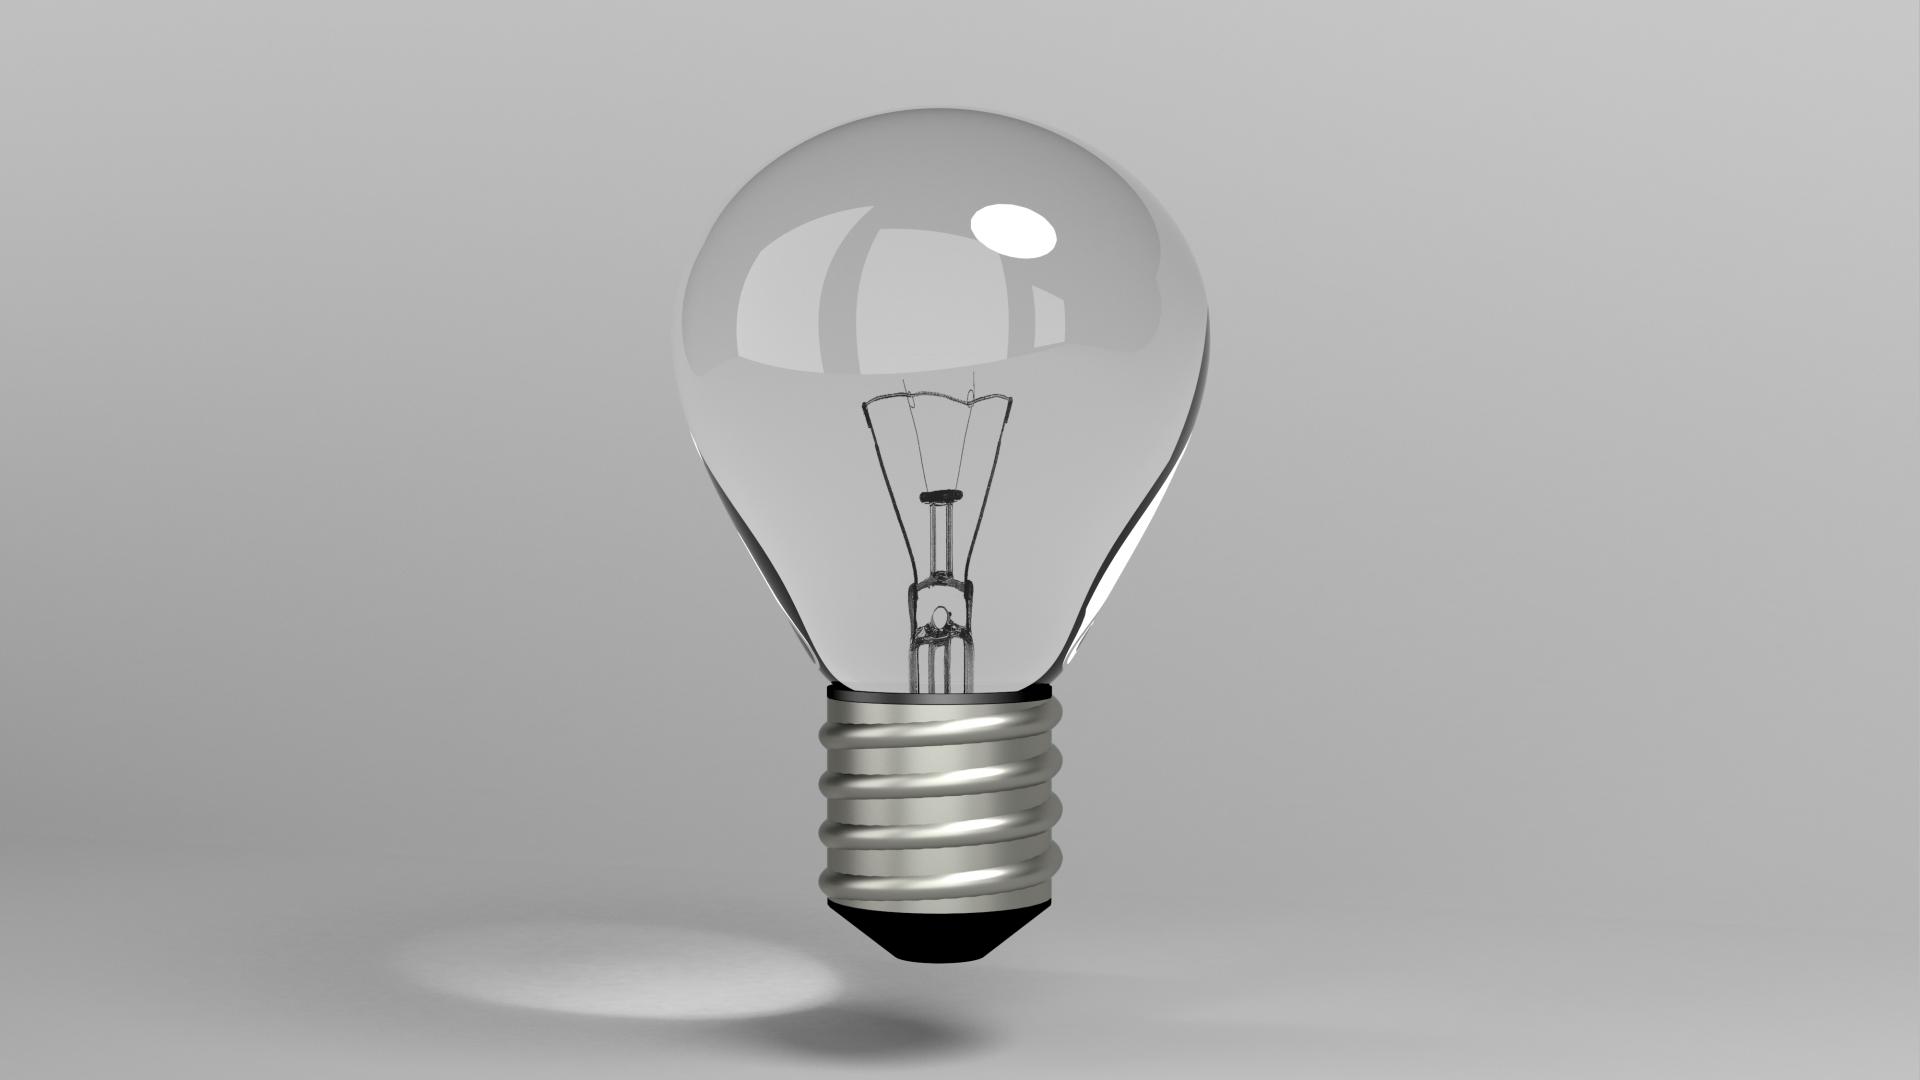 Bulb HD PNG - 118597